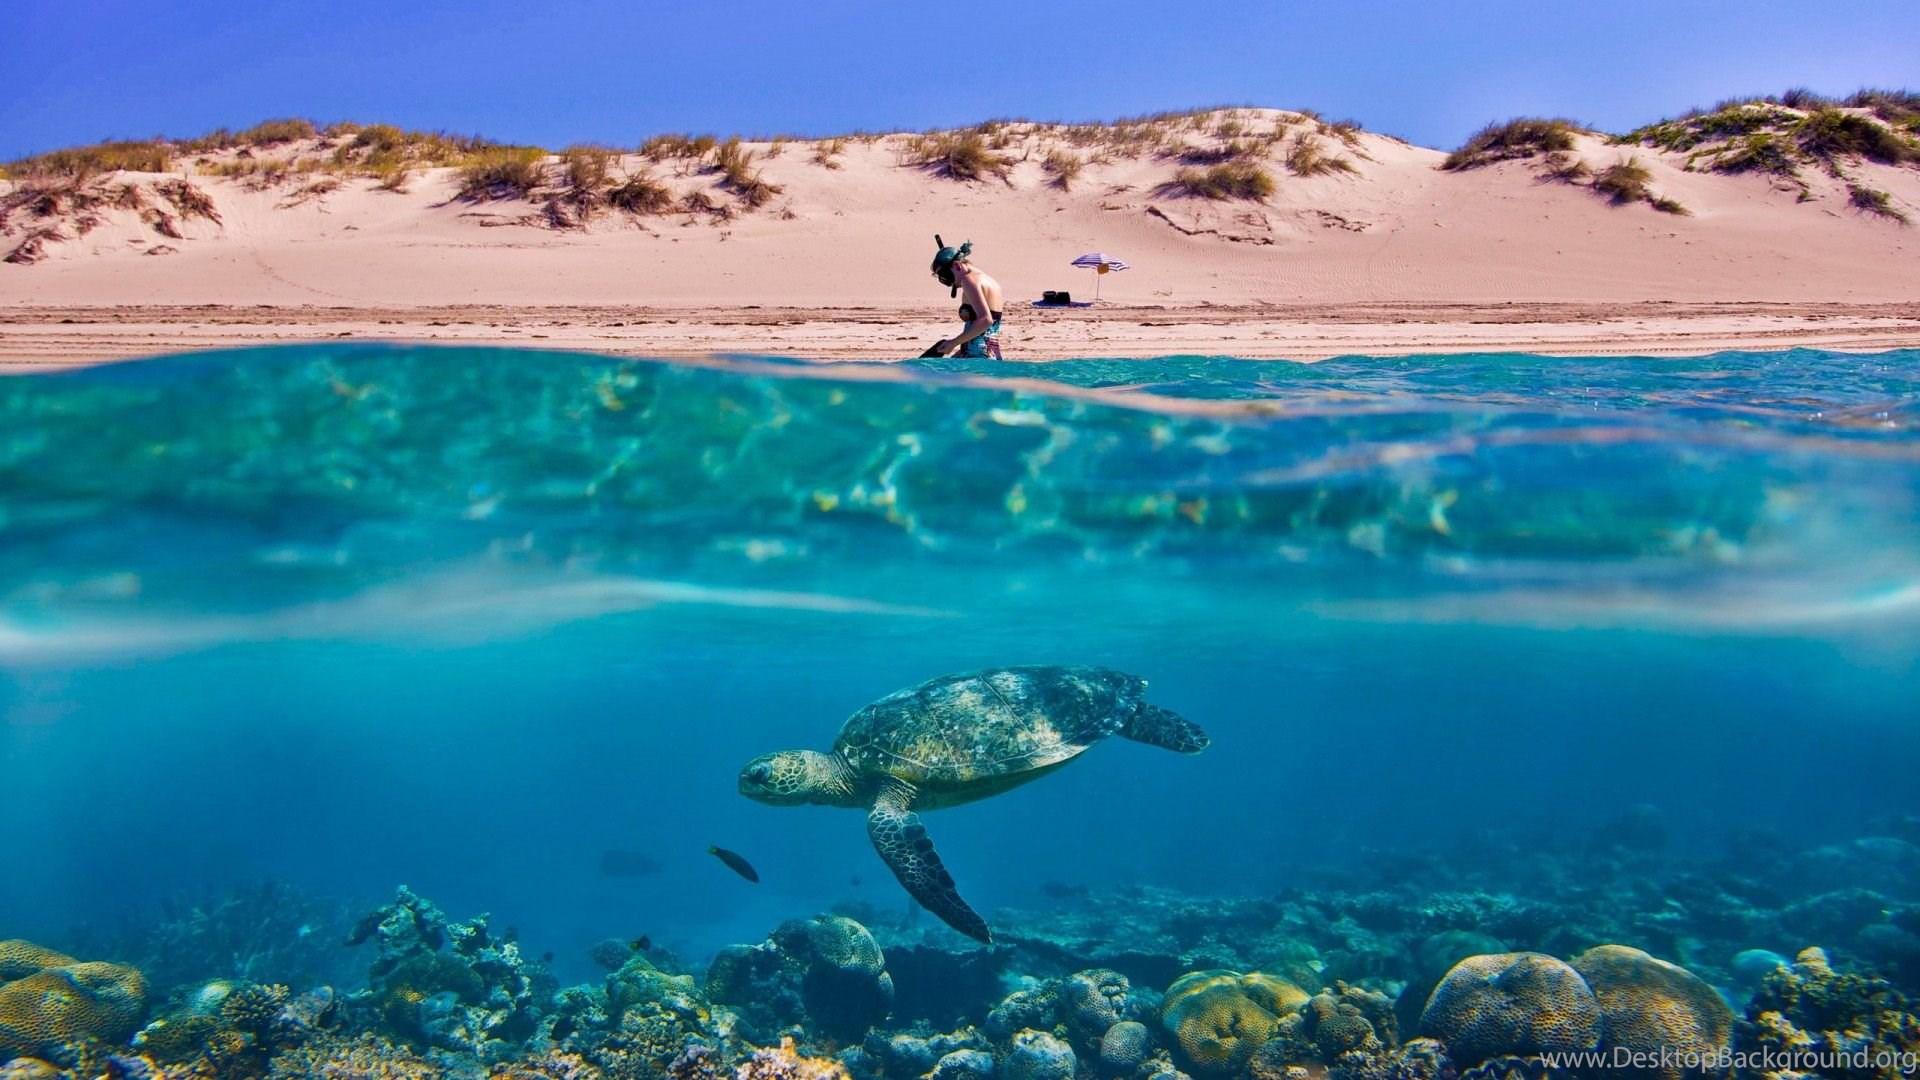 Turtle Beach Macbook Wallpapers Desktop Background